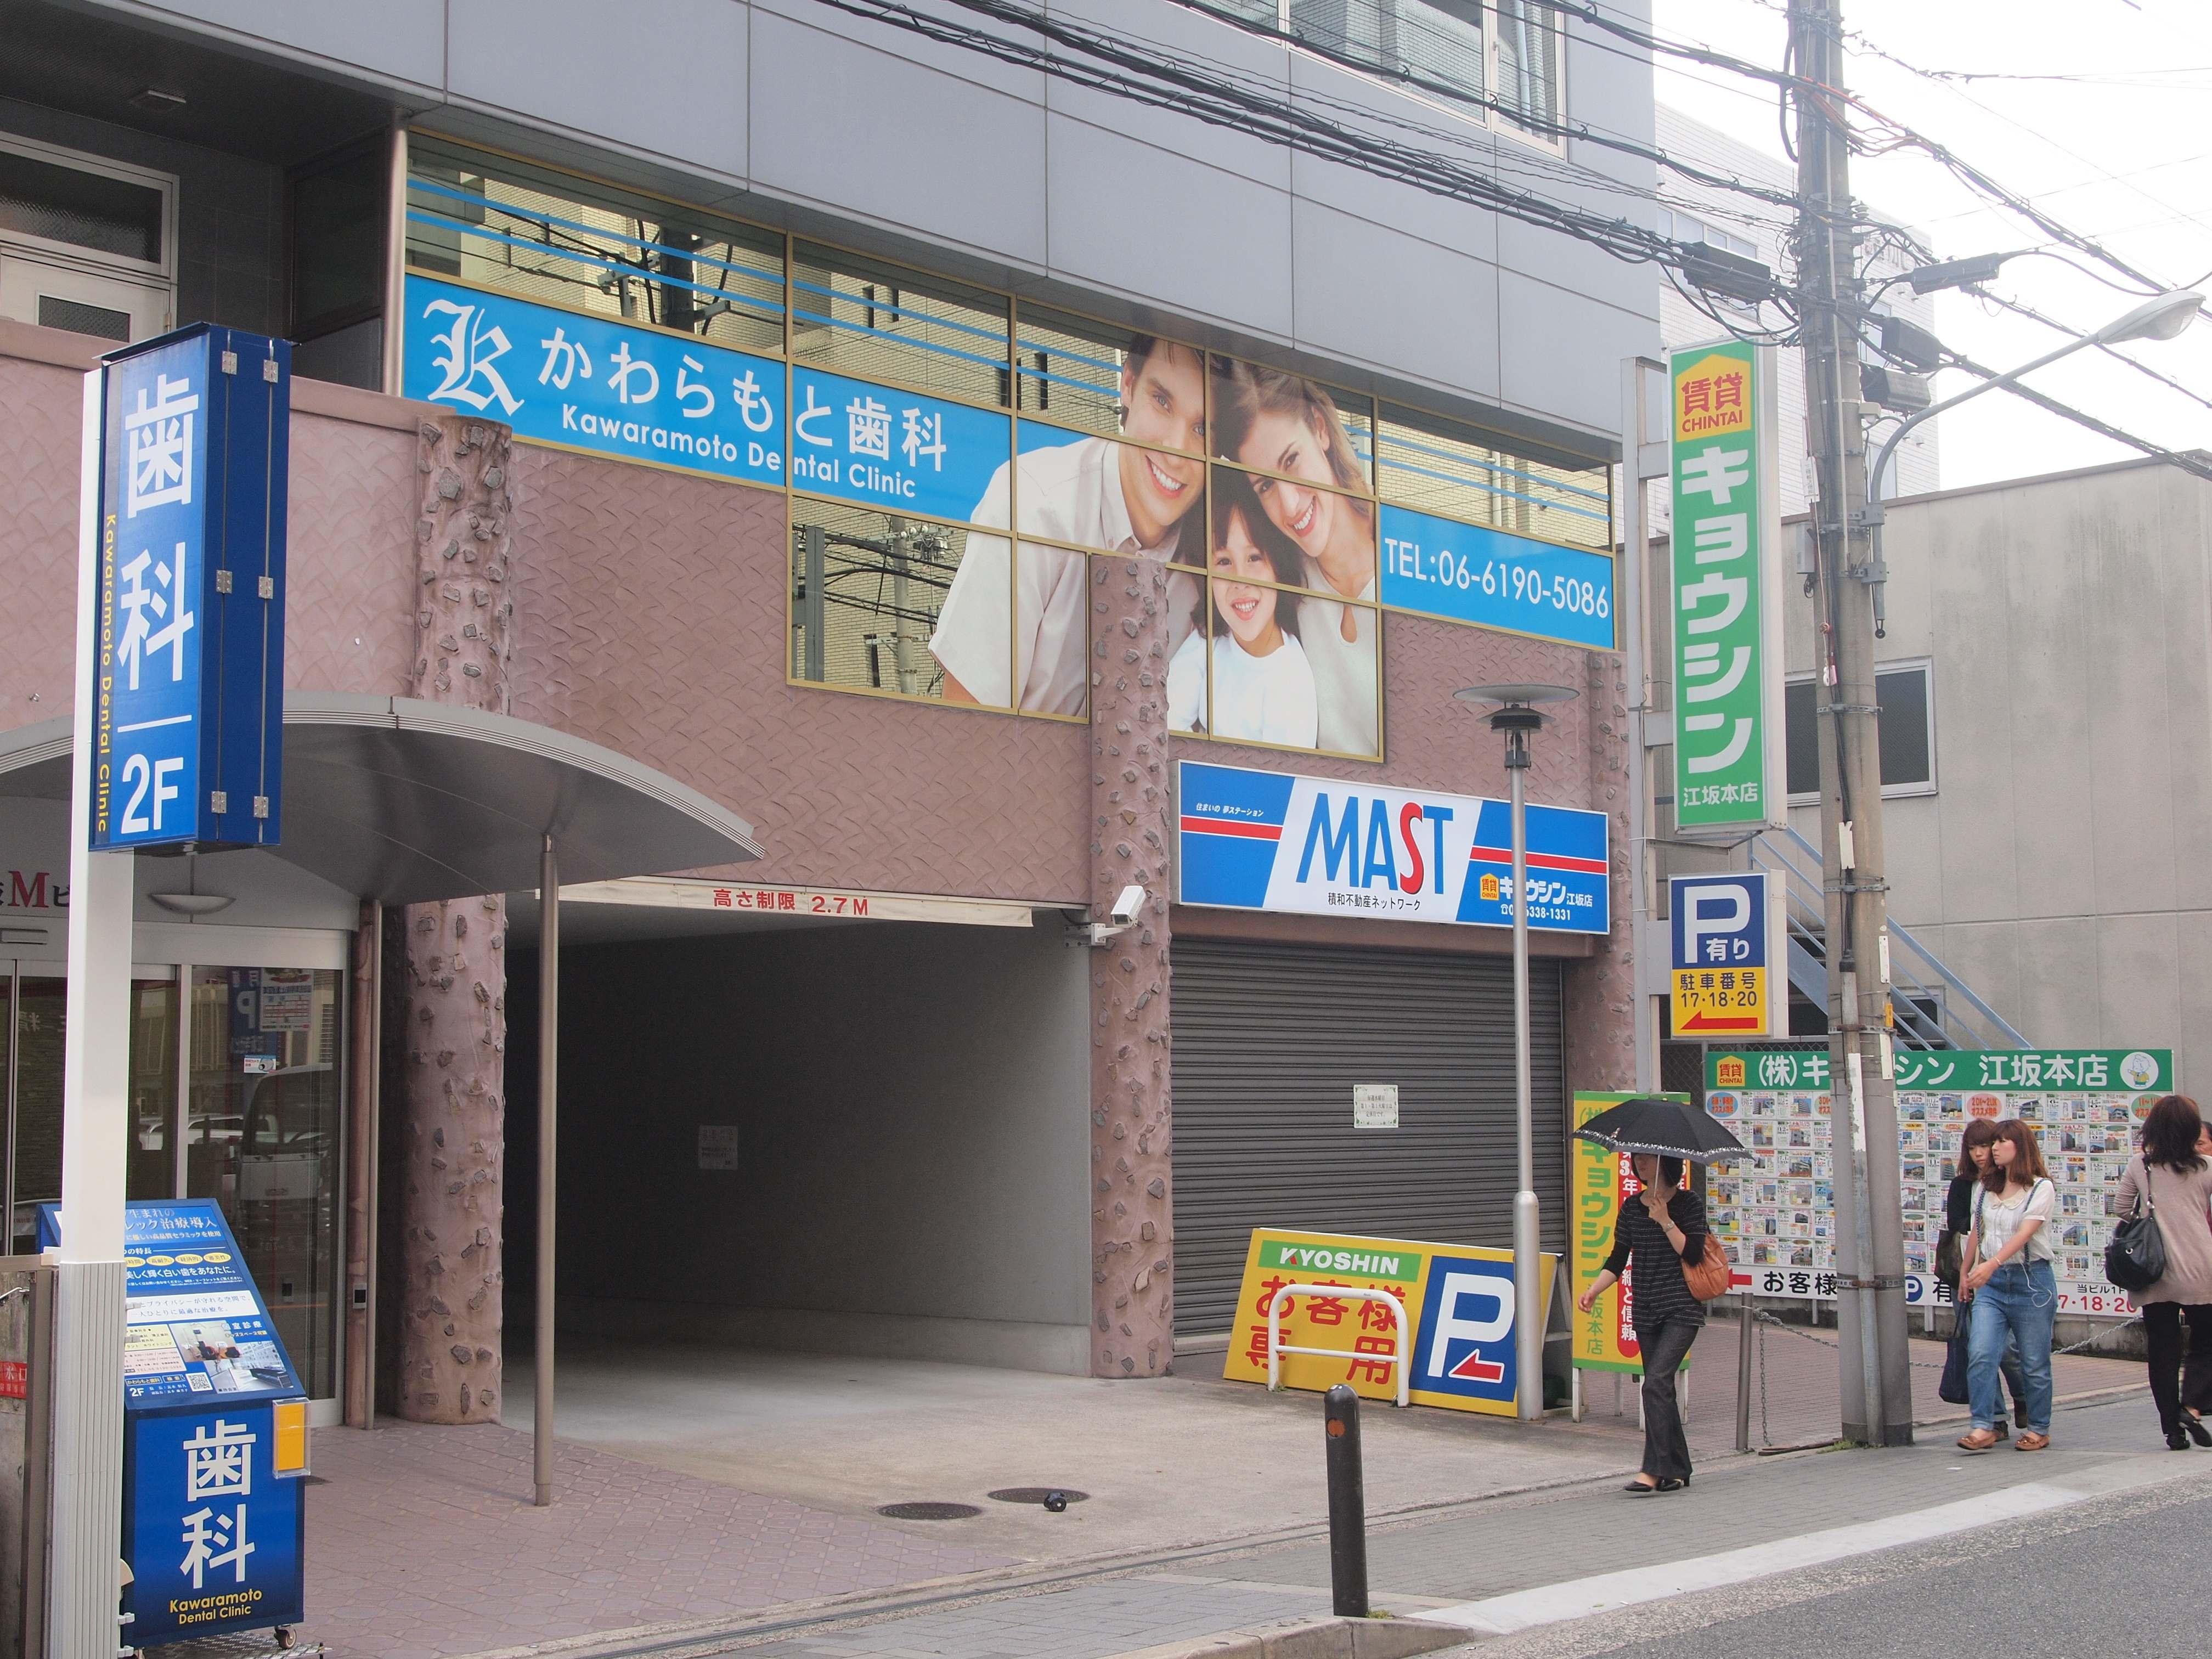 kawaramoto2_thumb1